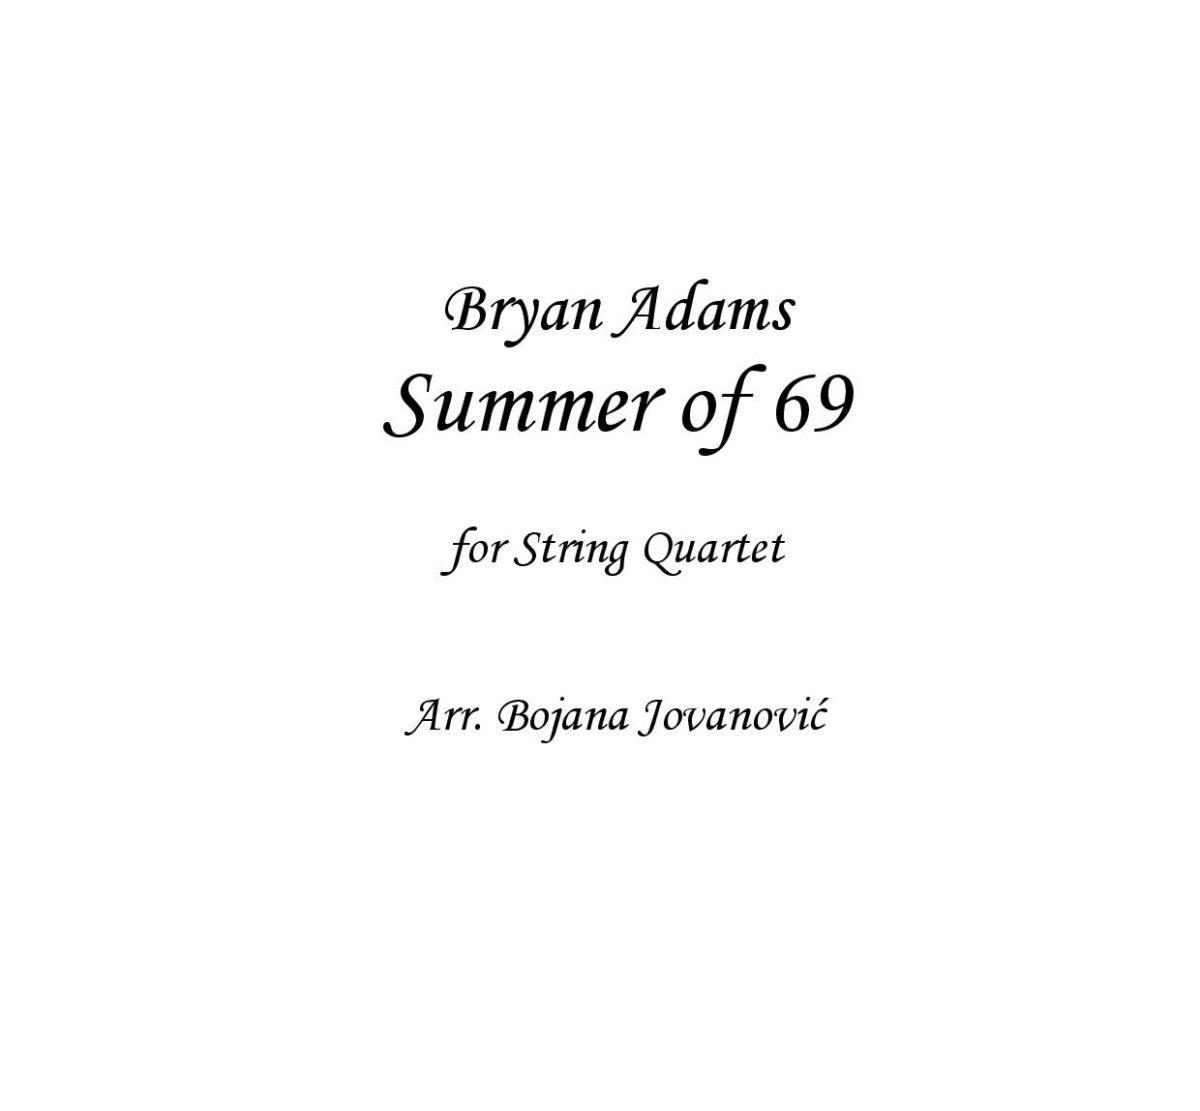 Summer of 69 (Bryan Adams) - Sheet Music